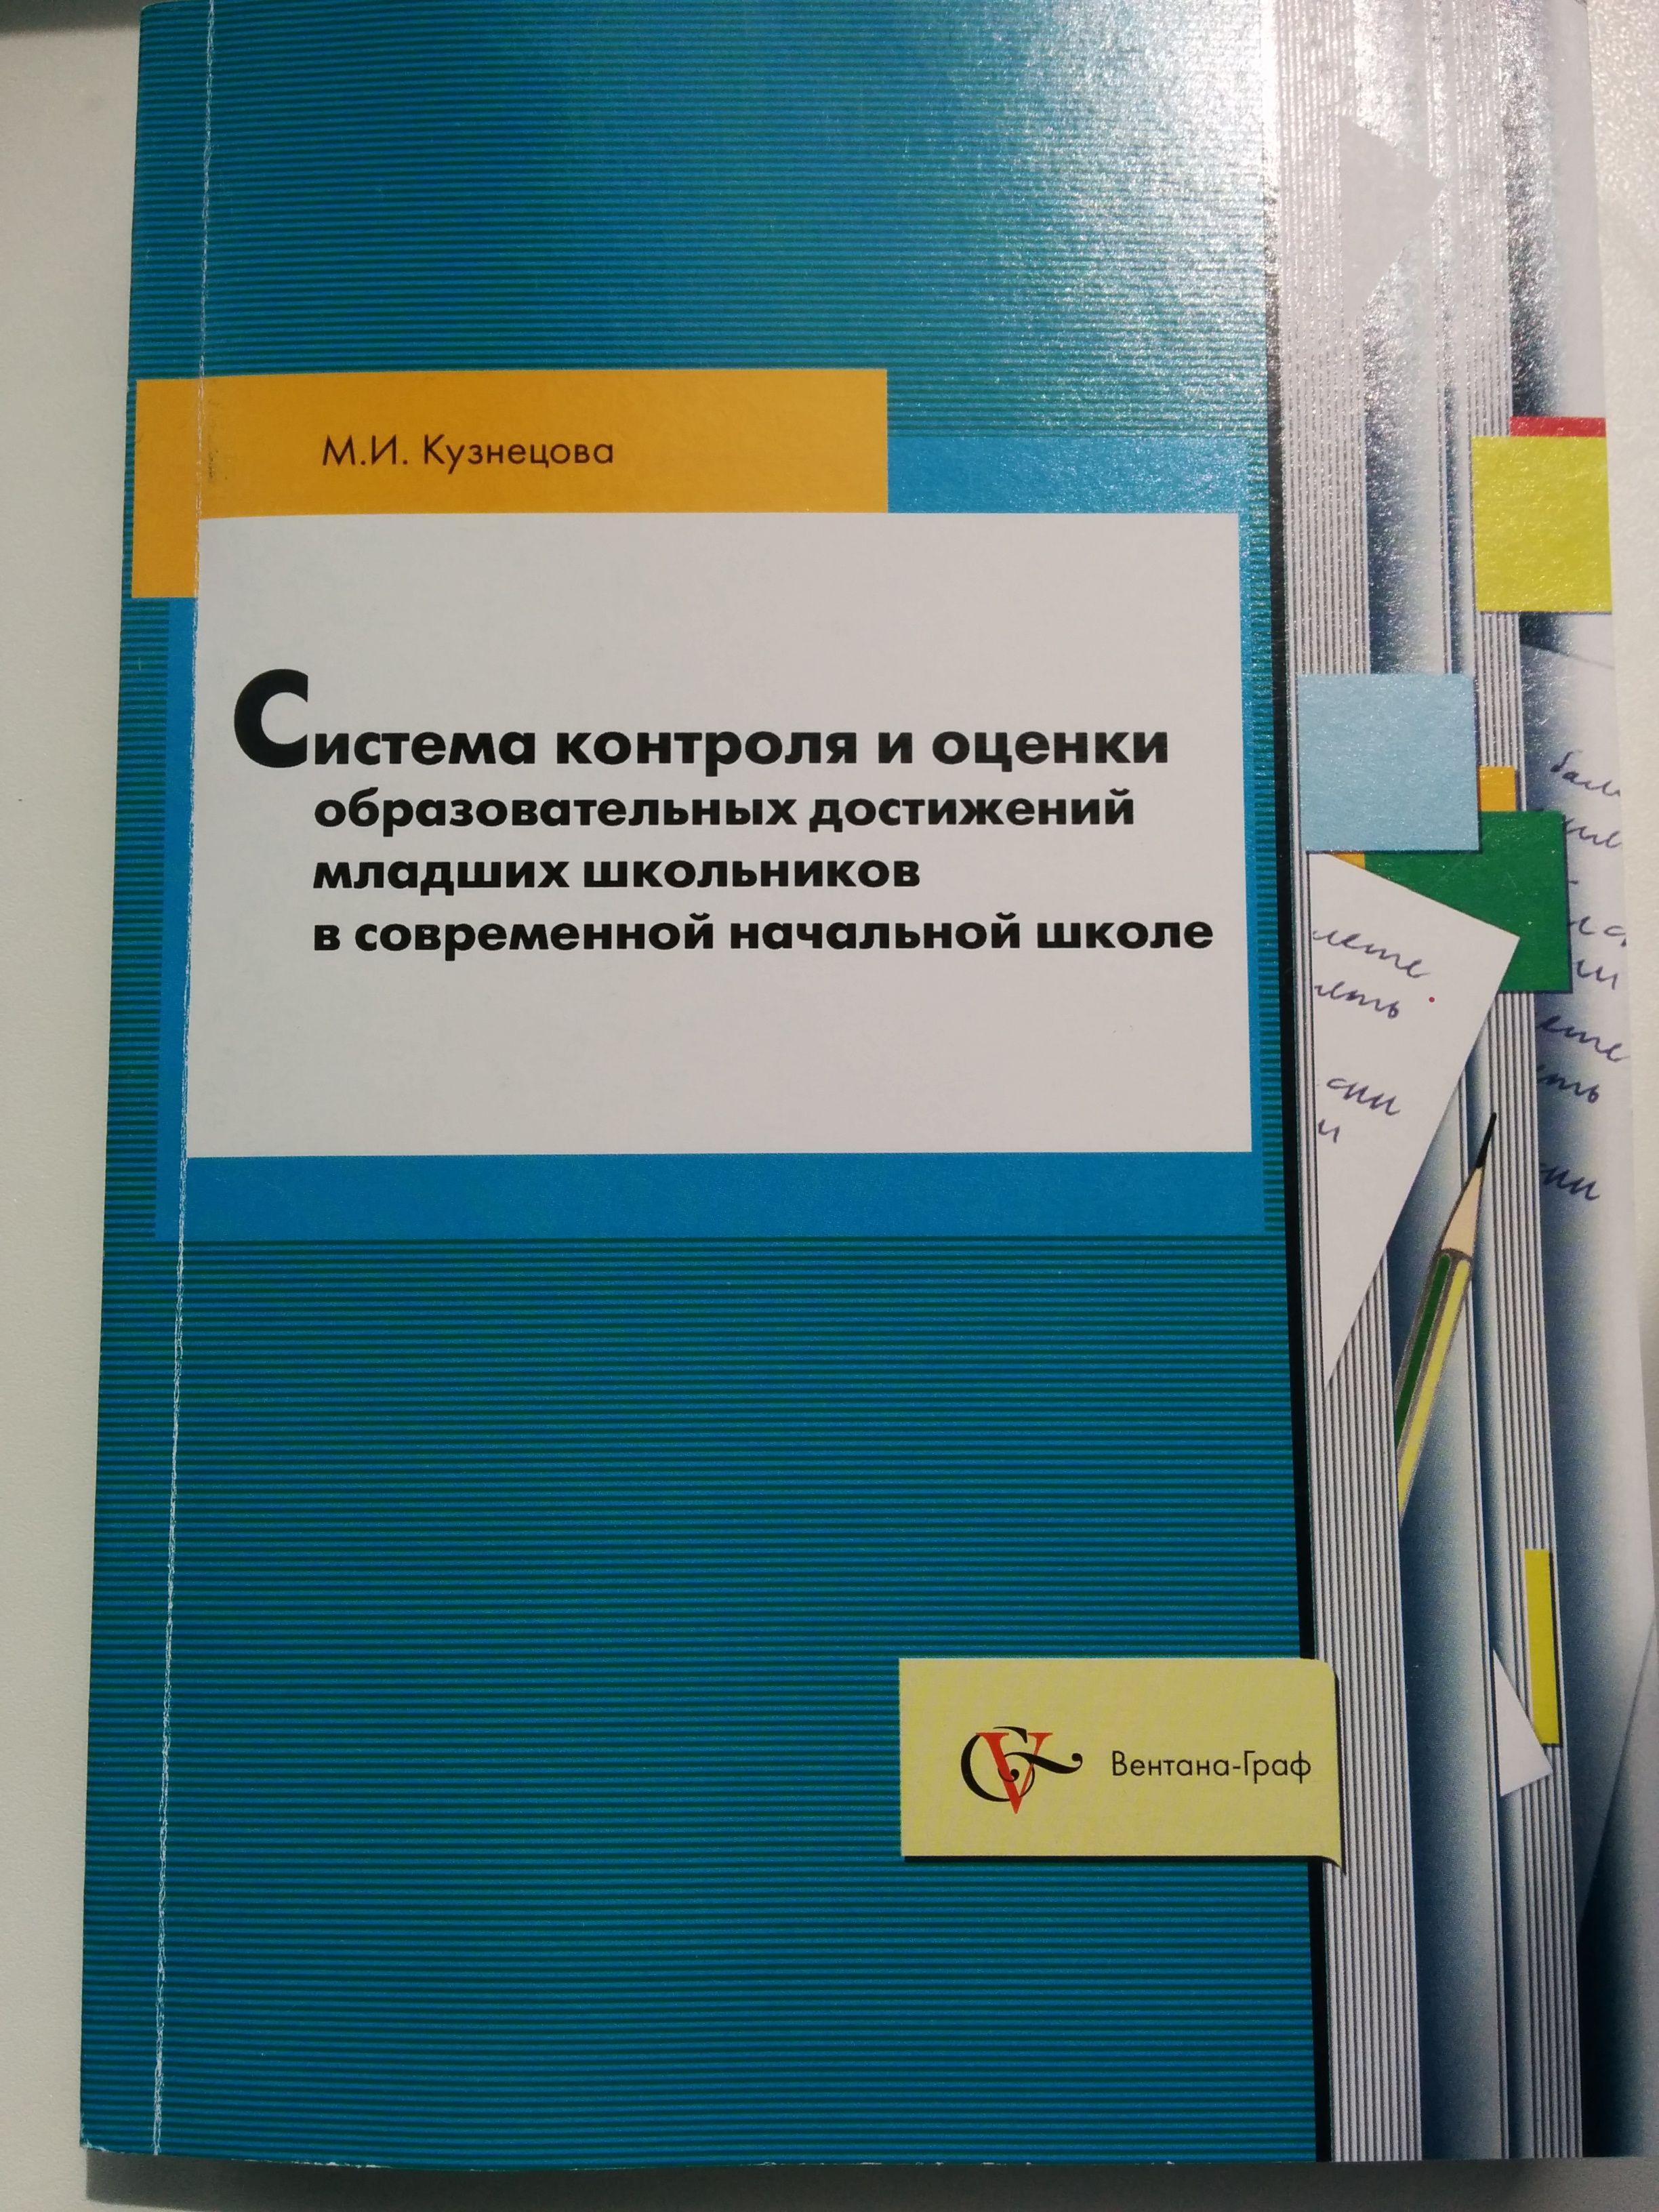 Система контроля и оценки образовательных достижений младших школьников в современной начальной школе: монография